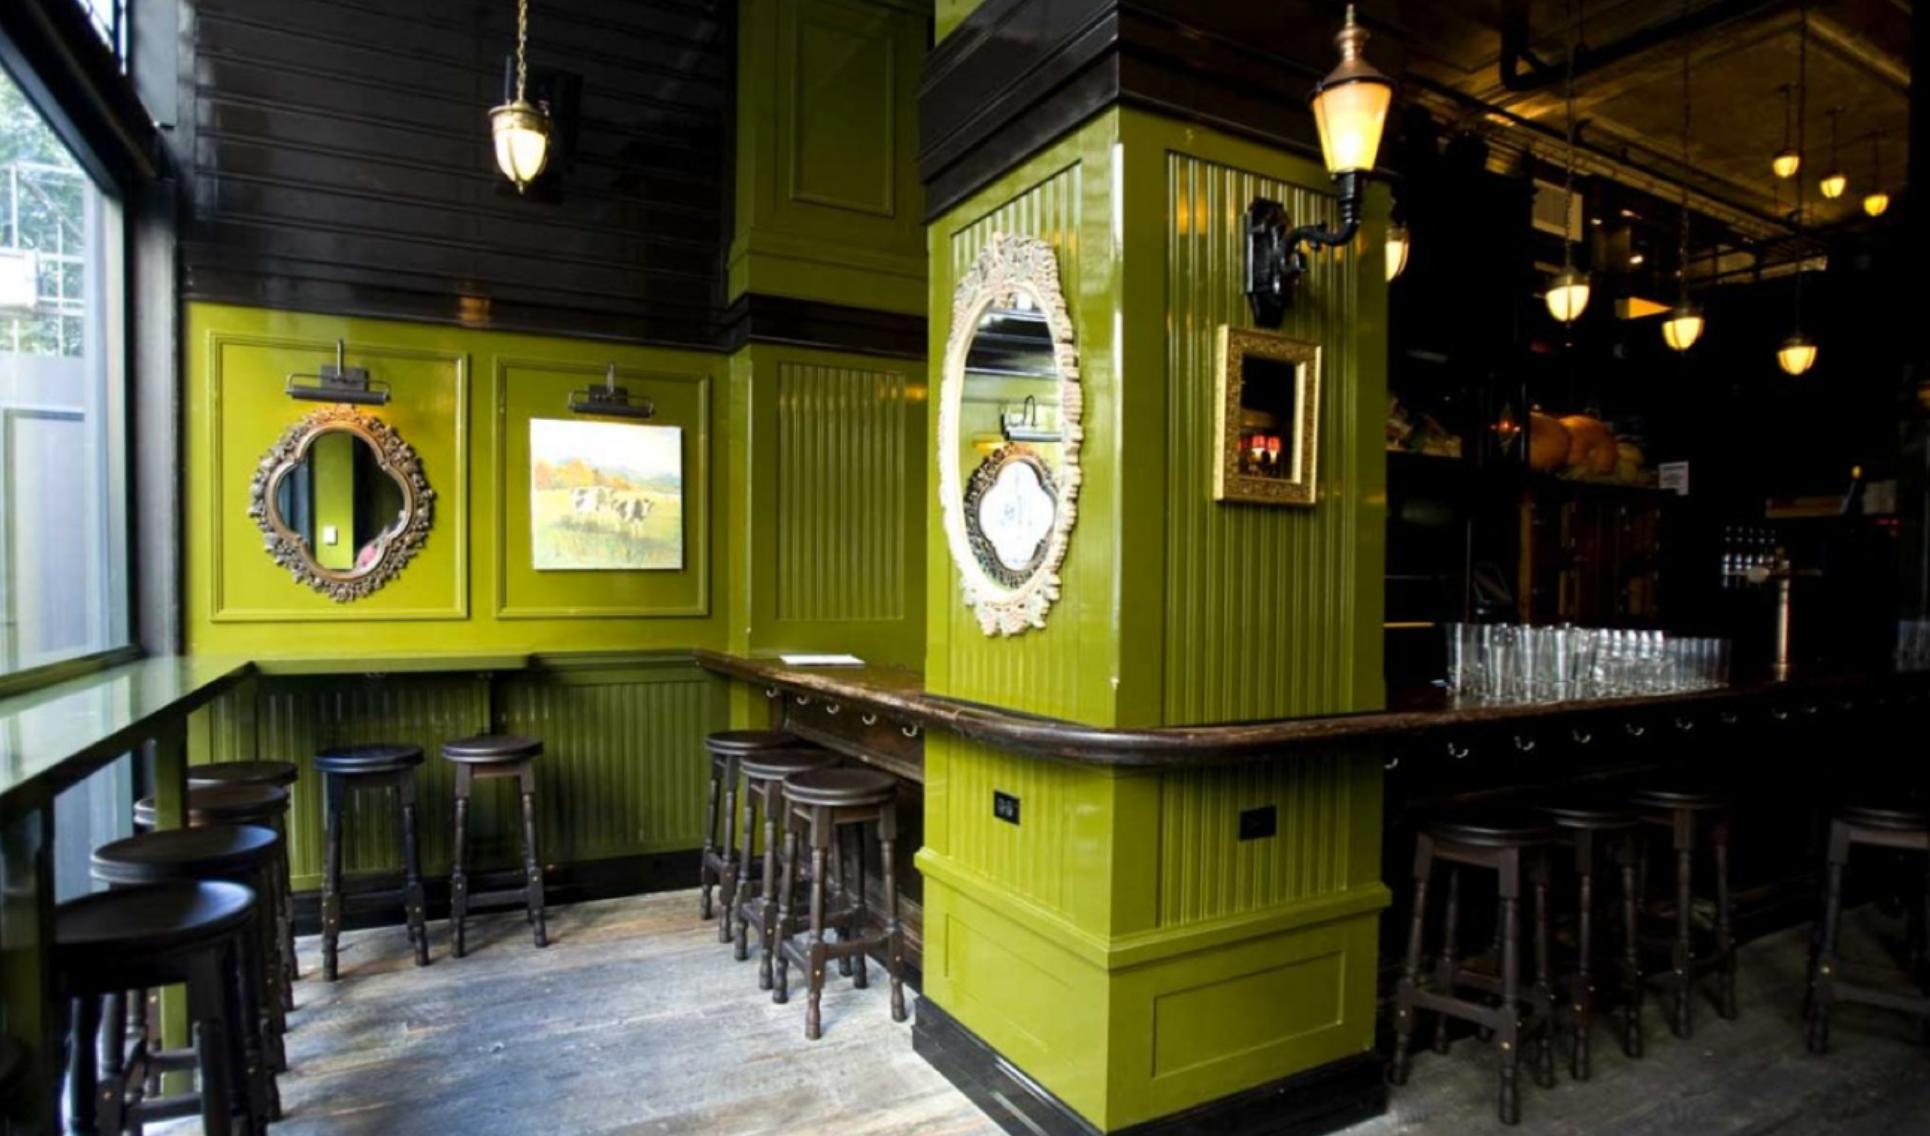 Restaurant-Interiors-Melbourne